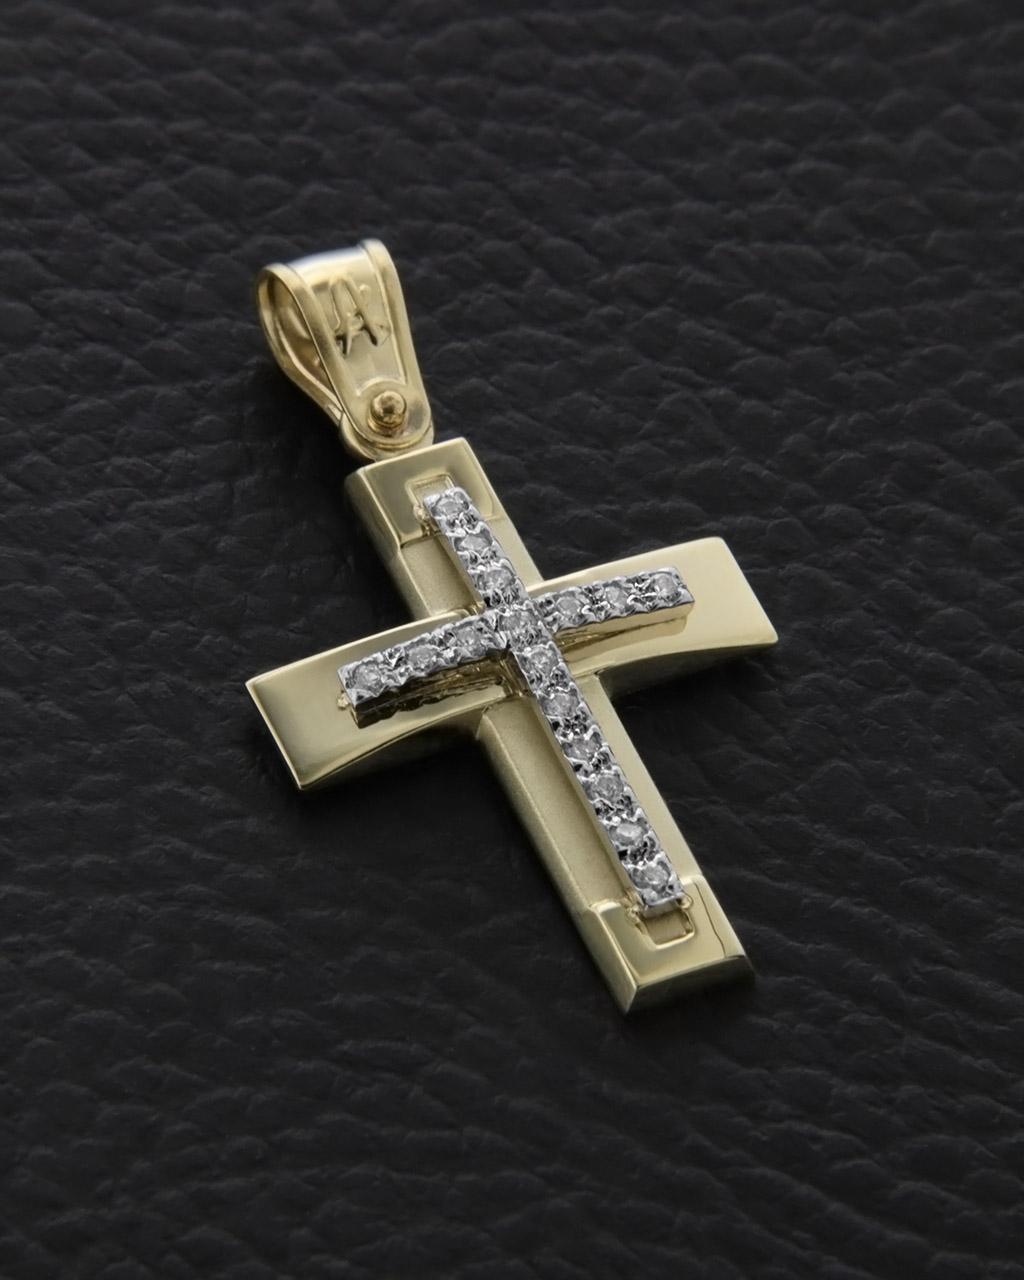 Σταυρός βαπτιστικός χρυσός Κ14 με Ζιργκόν   γυναικα σταυροί σταυροί χρυσοί